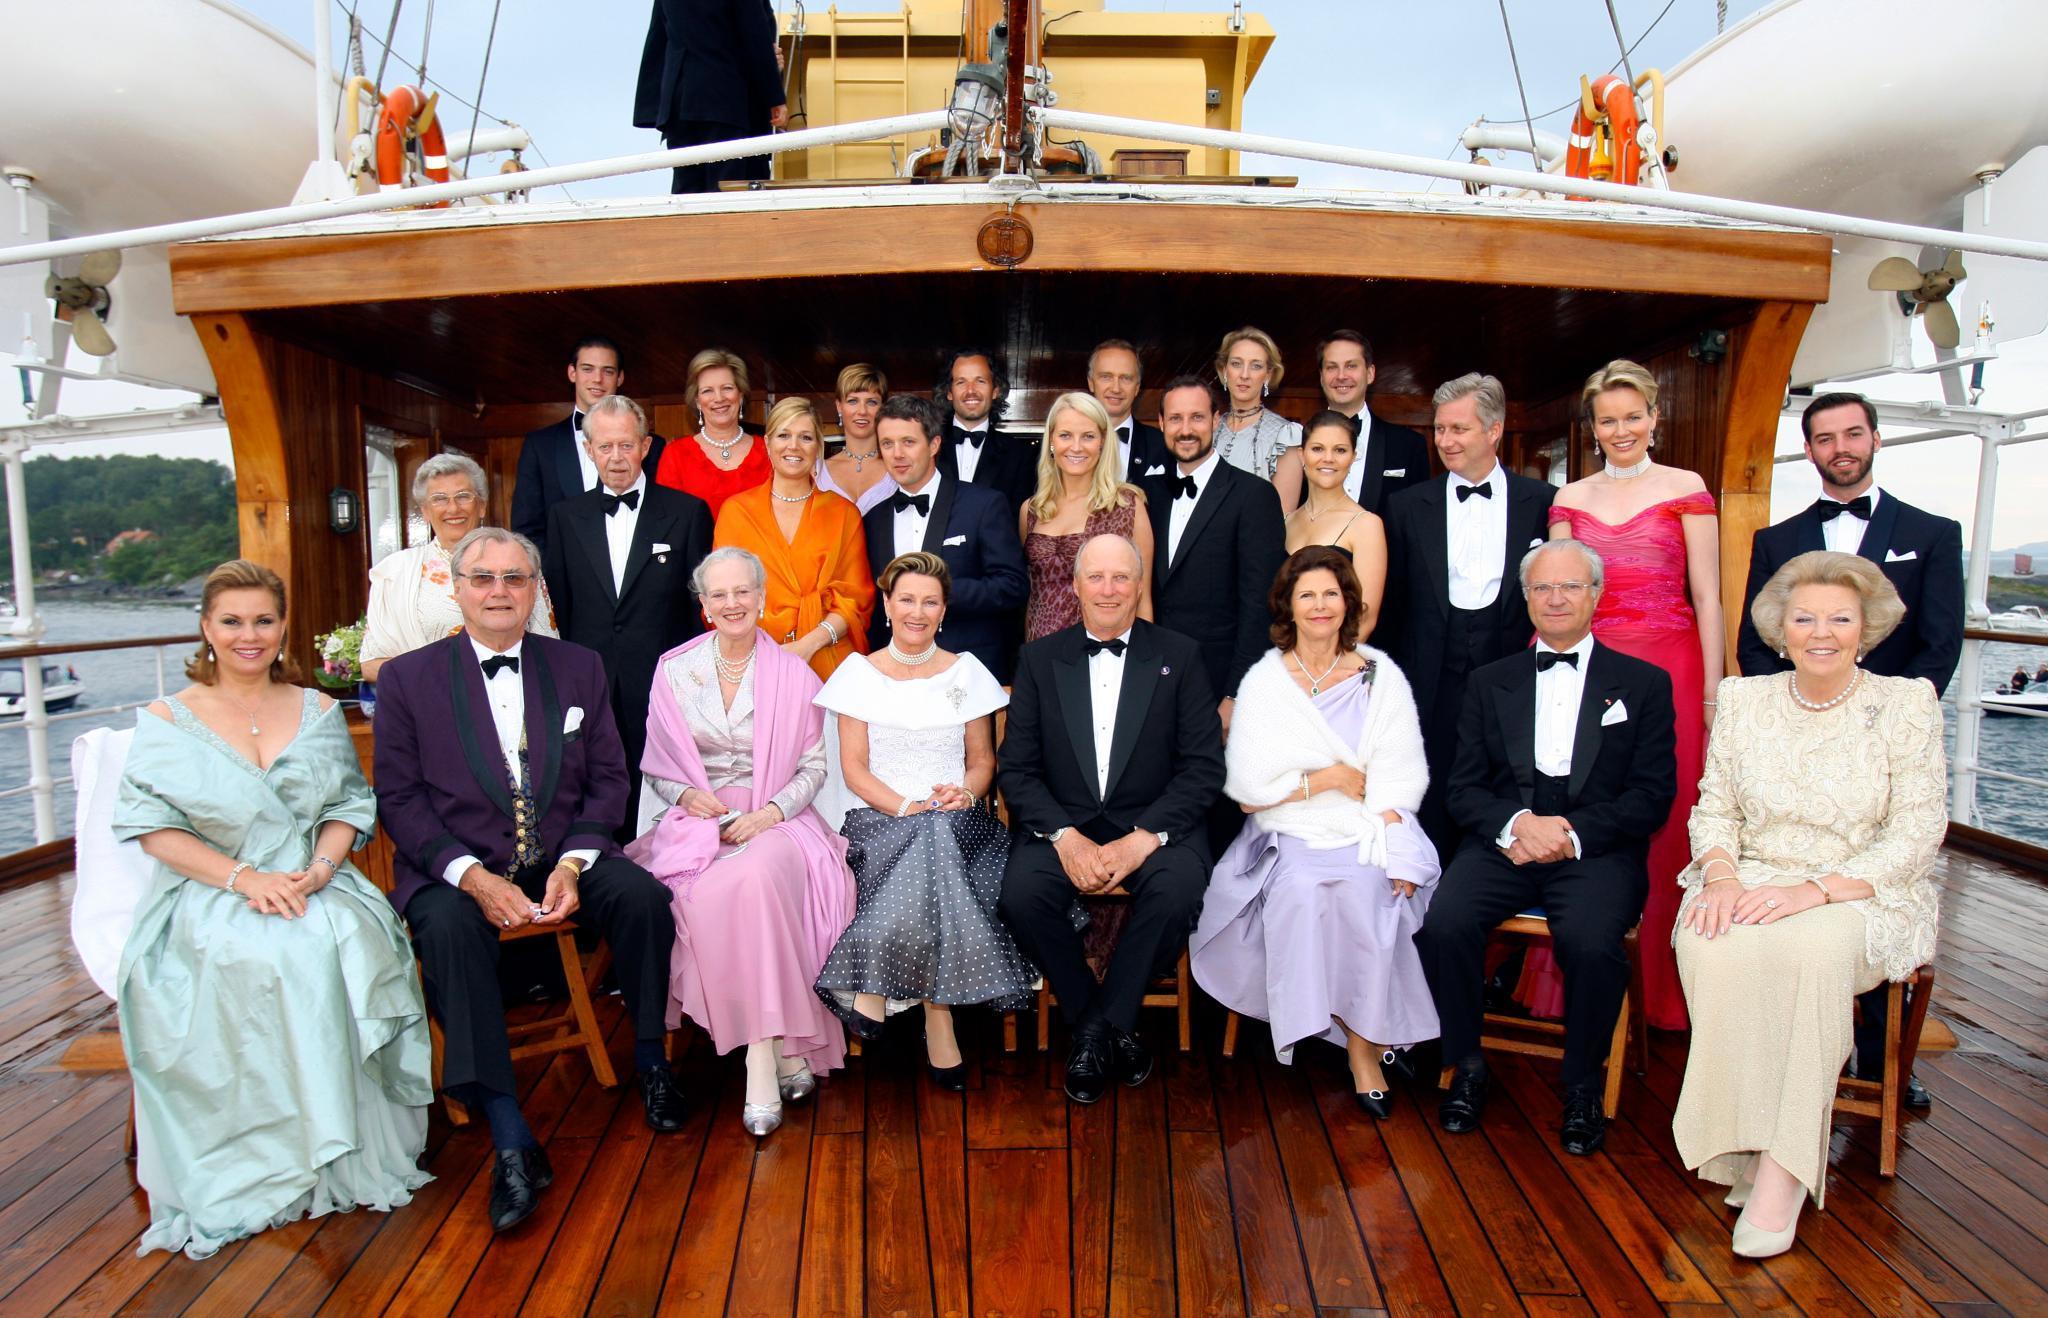 """Zum 70. Geburtstag von König Harald von Norwegen (Mitte) trifft sich 2007 die royale Verwandtschaft auf der königlichen Jacht """"Norge"""". Mit dabei ist unter anderem auch Belgiens damaliger Kronprinz Philippe (2. Reihe rechts). Unter seinen Ahnen findet sich - wie bei den meisten Gästen - ebenfalls der dänische König Christian IX., der """"Schwiegervater Europas""""."""